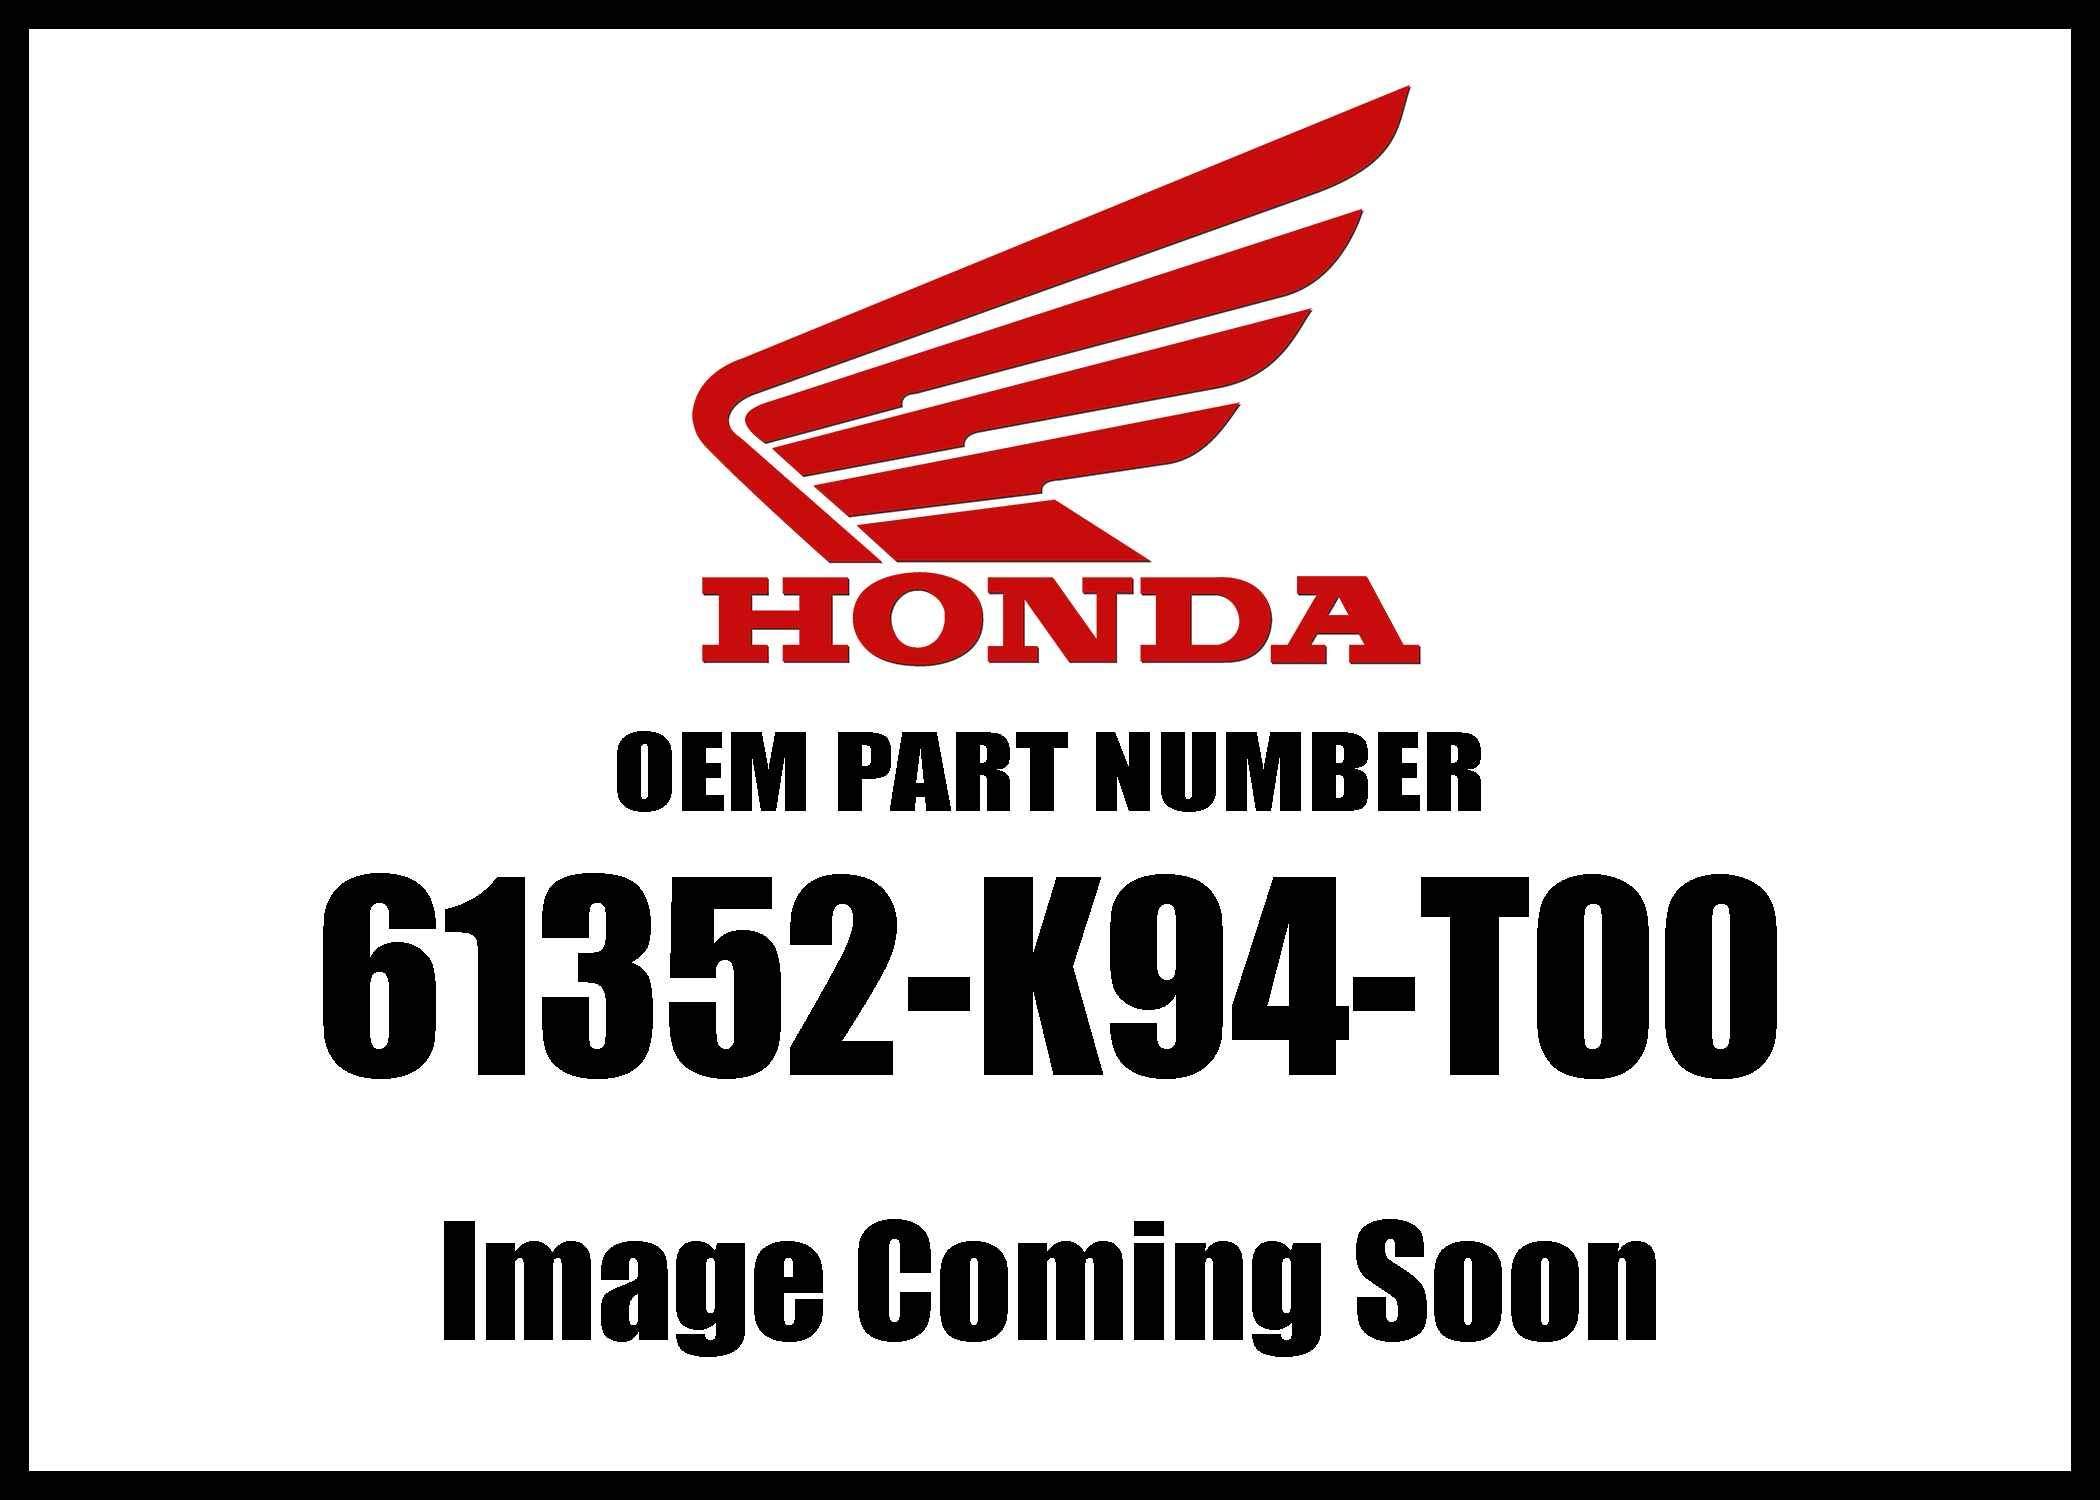 Honda Cbf300n '18 Rubber B Fr. Cowl 61352-K94-T00 New Oem